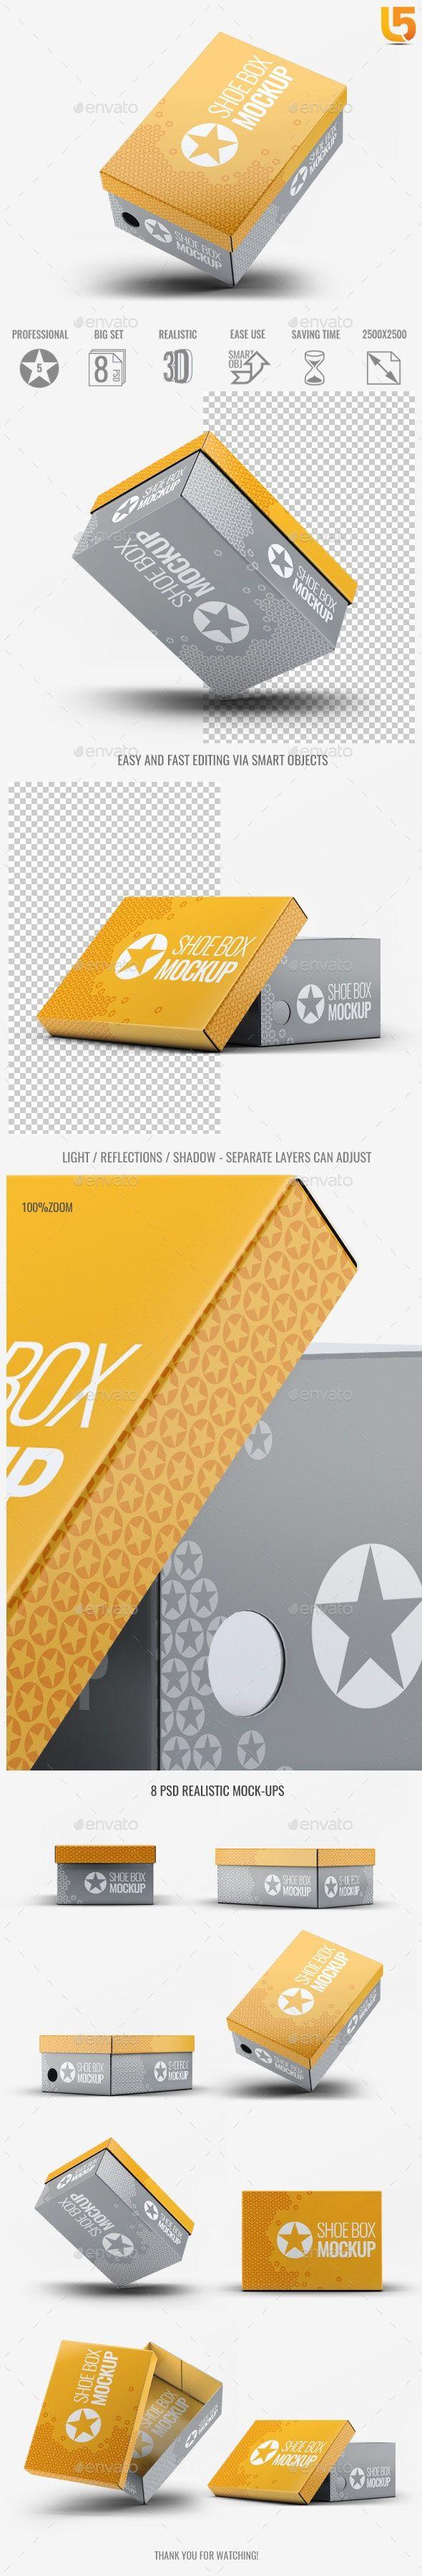 Download Shoe Box Mock Up V 2 Mockup Design Mockup Box Mockup